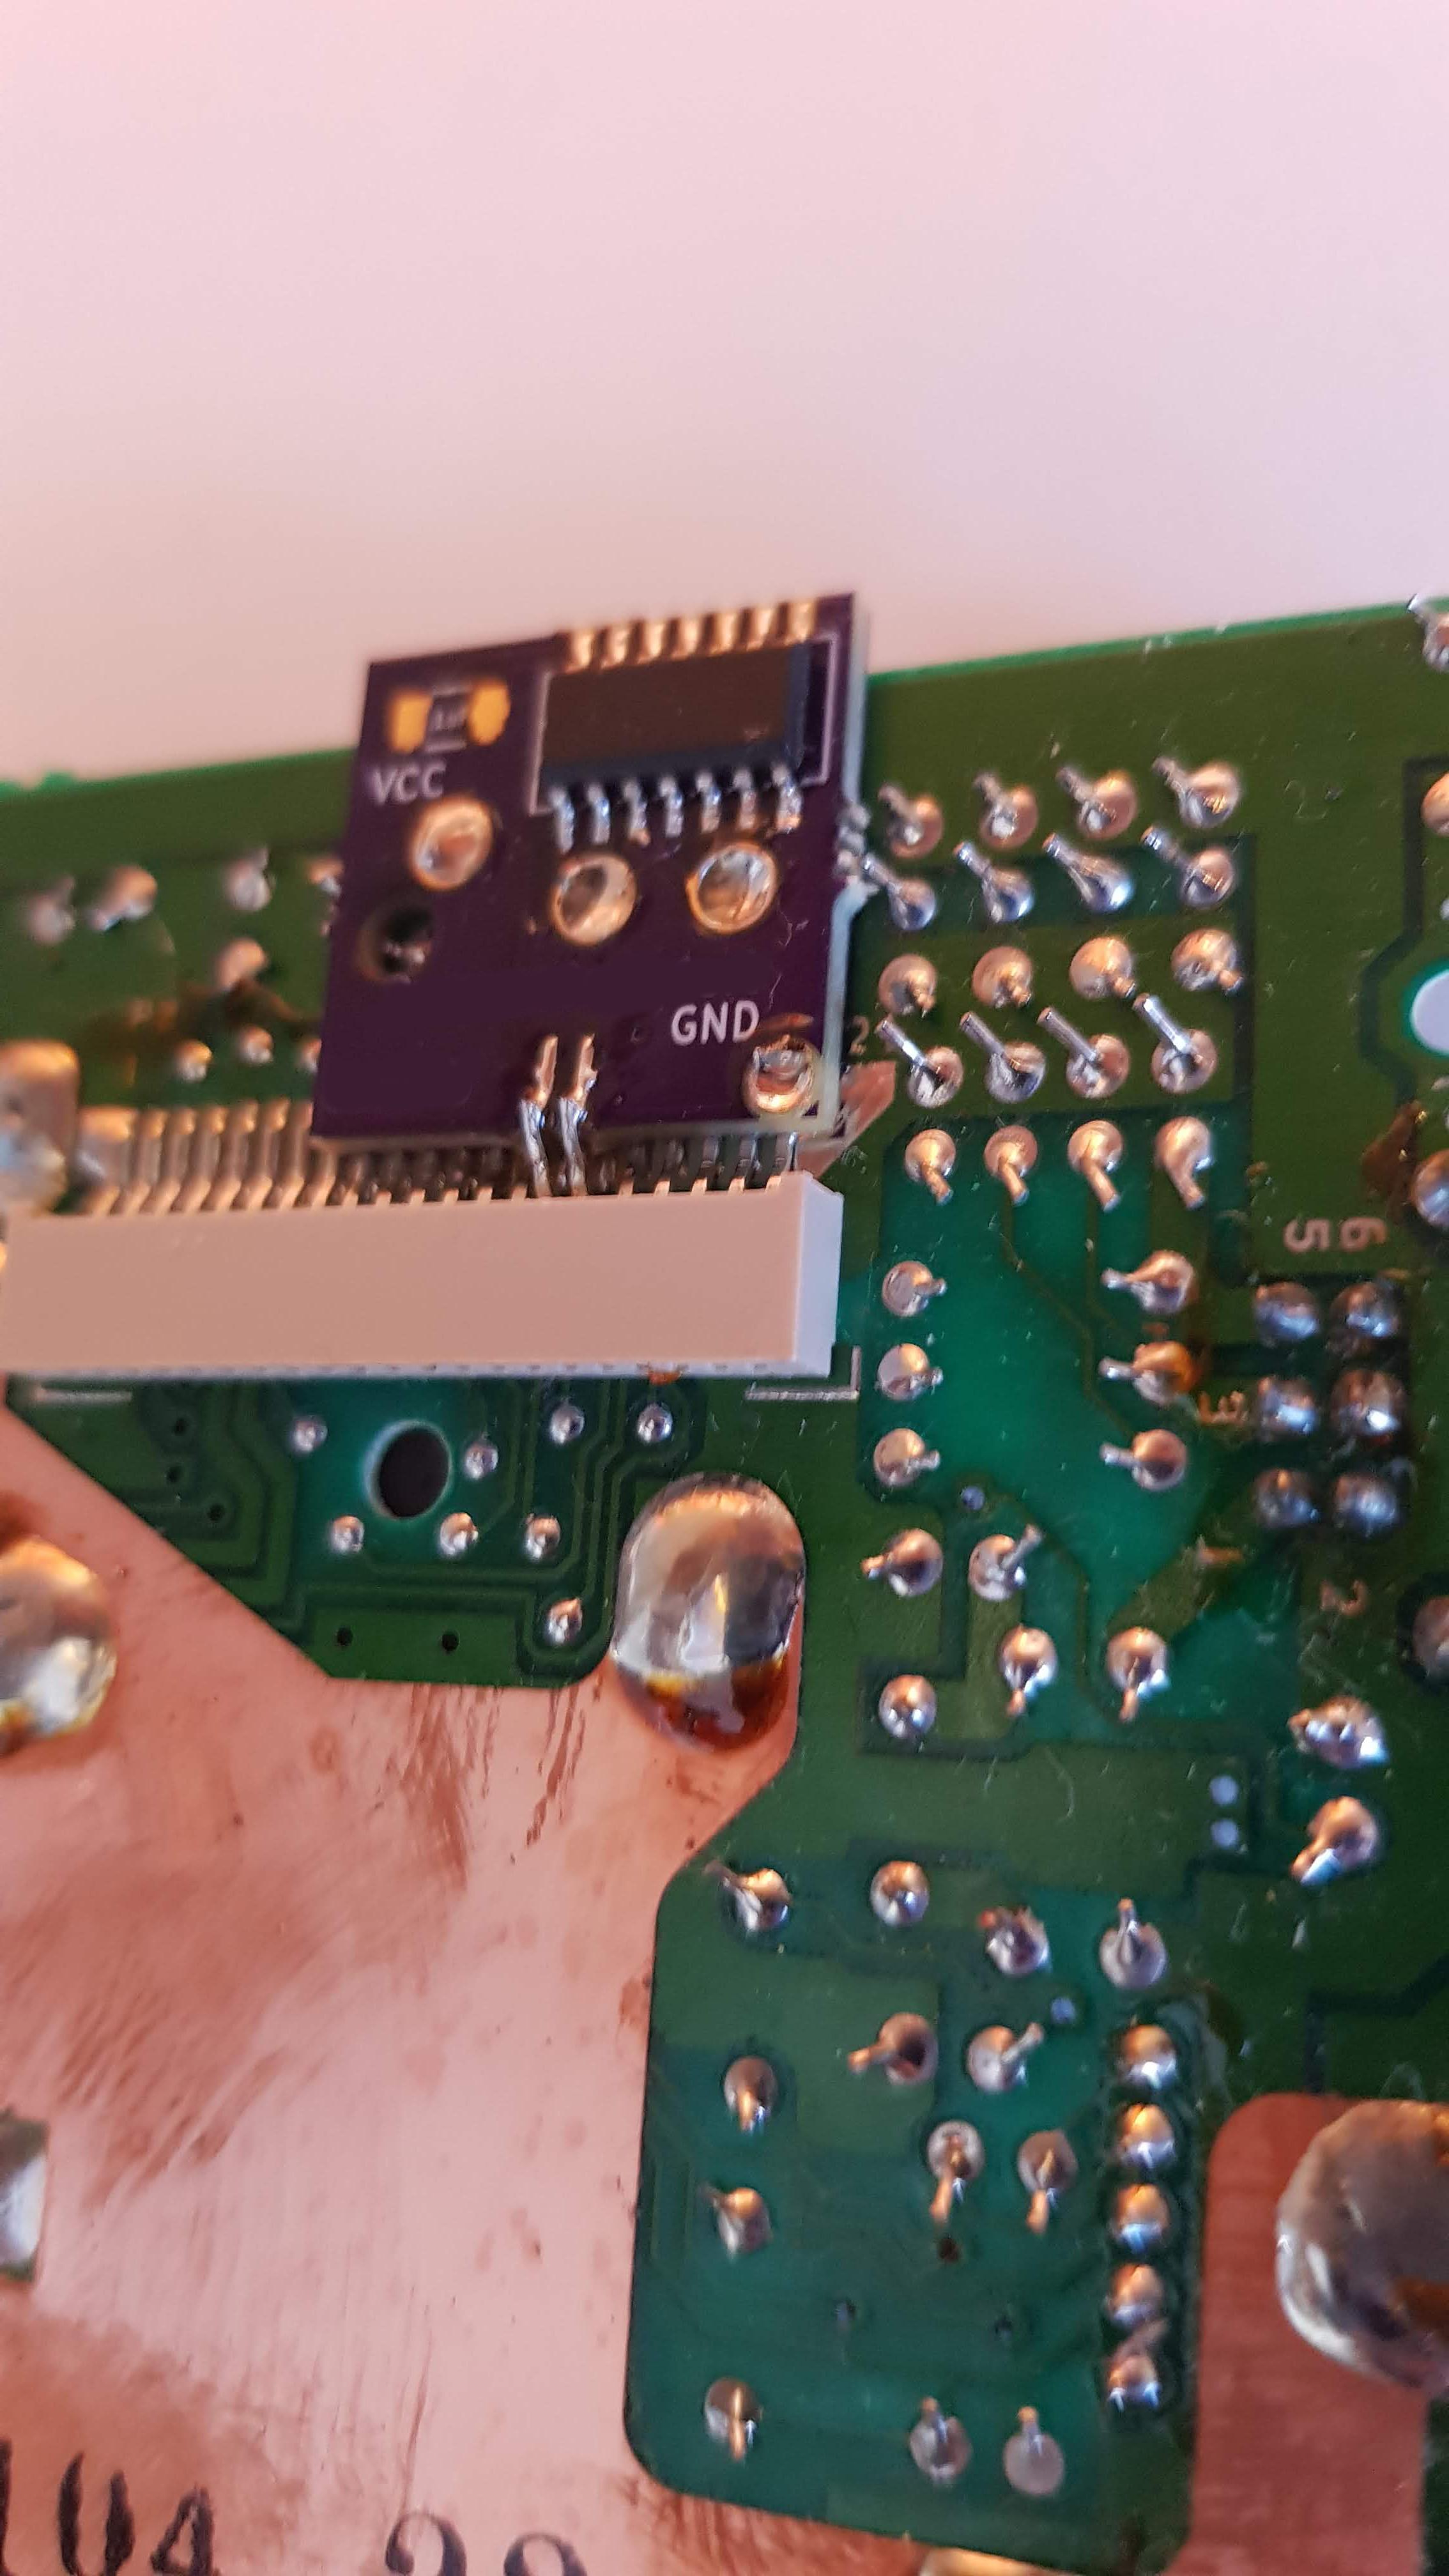 Gameboy DMG -01 White Backlight and bivert module mod kit - Plastic screen  lens